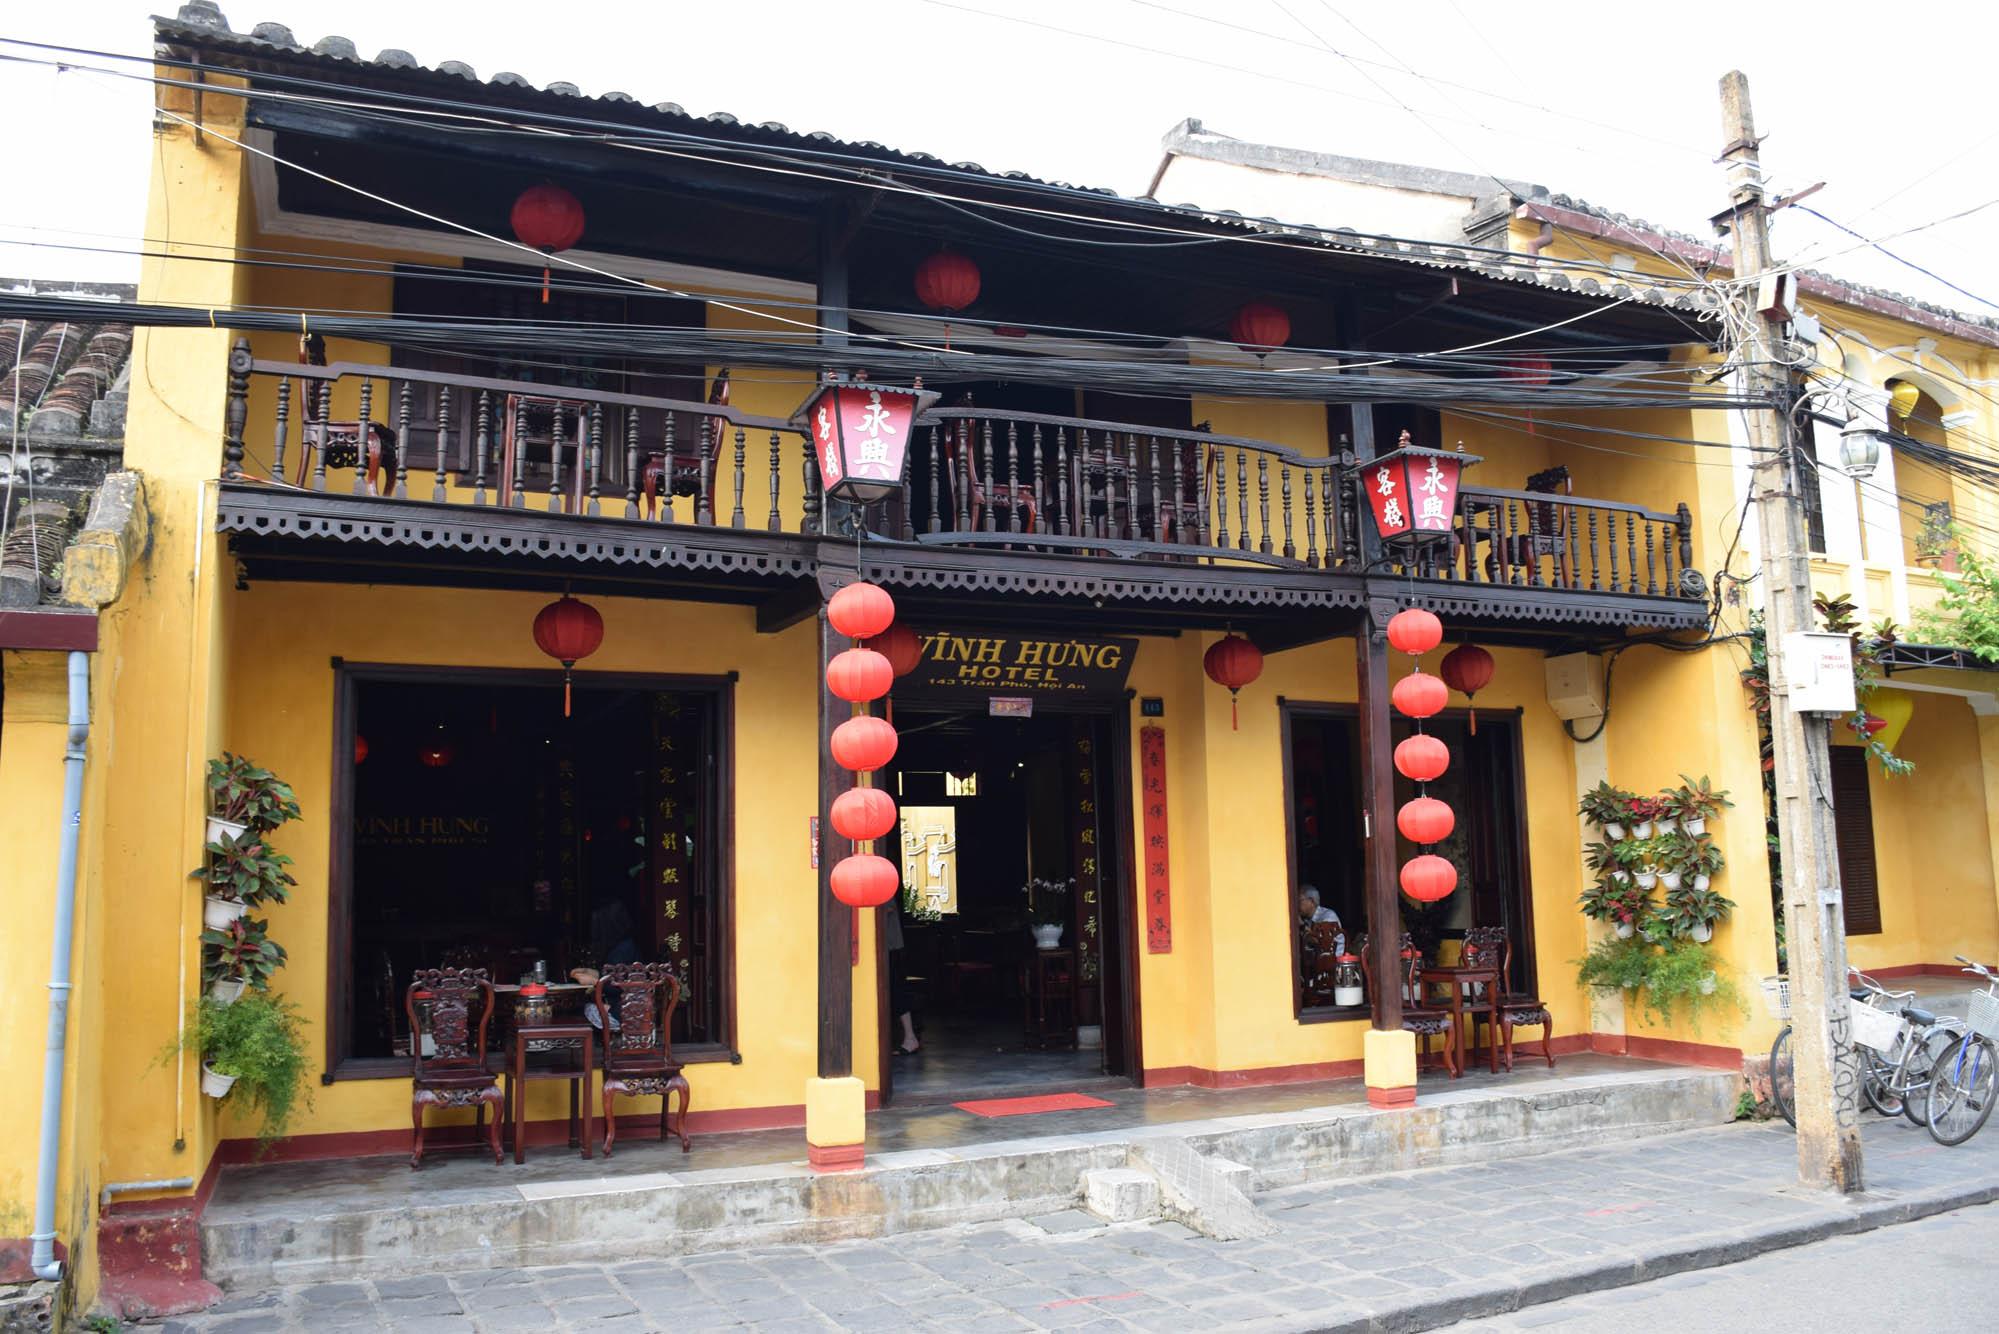 05-HoiAn-Vietna_0603